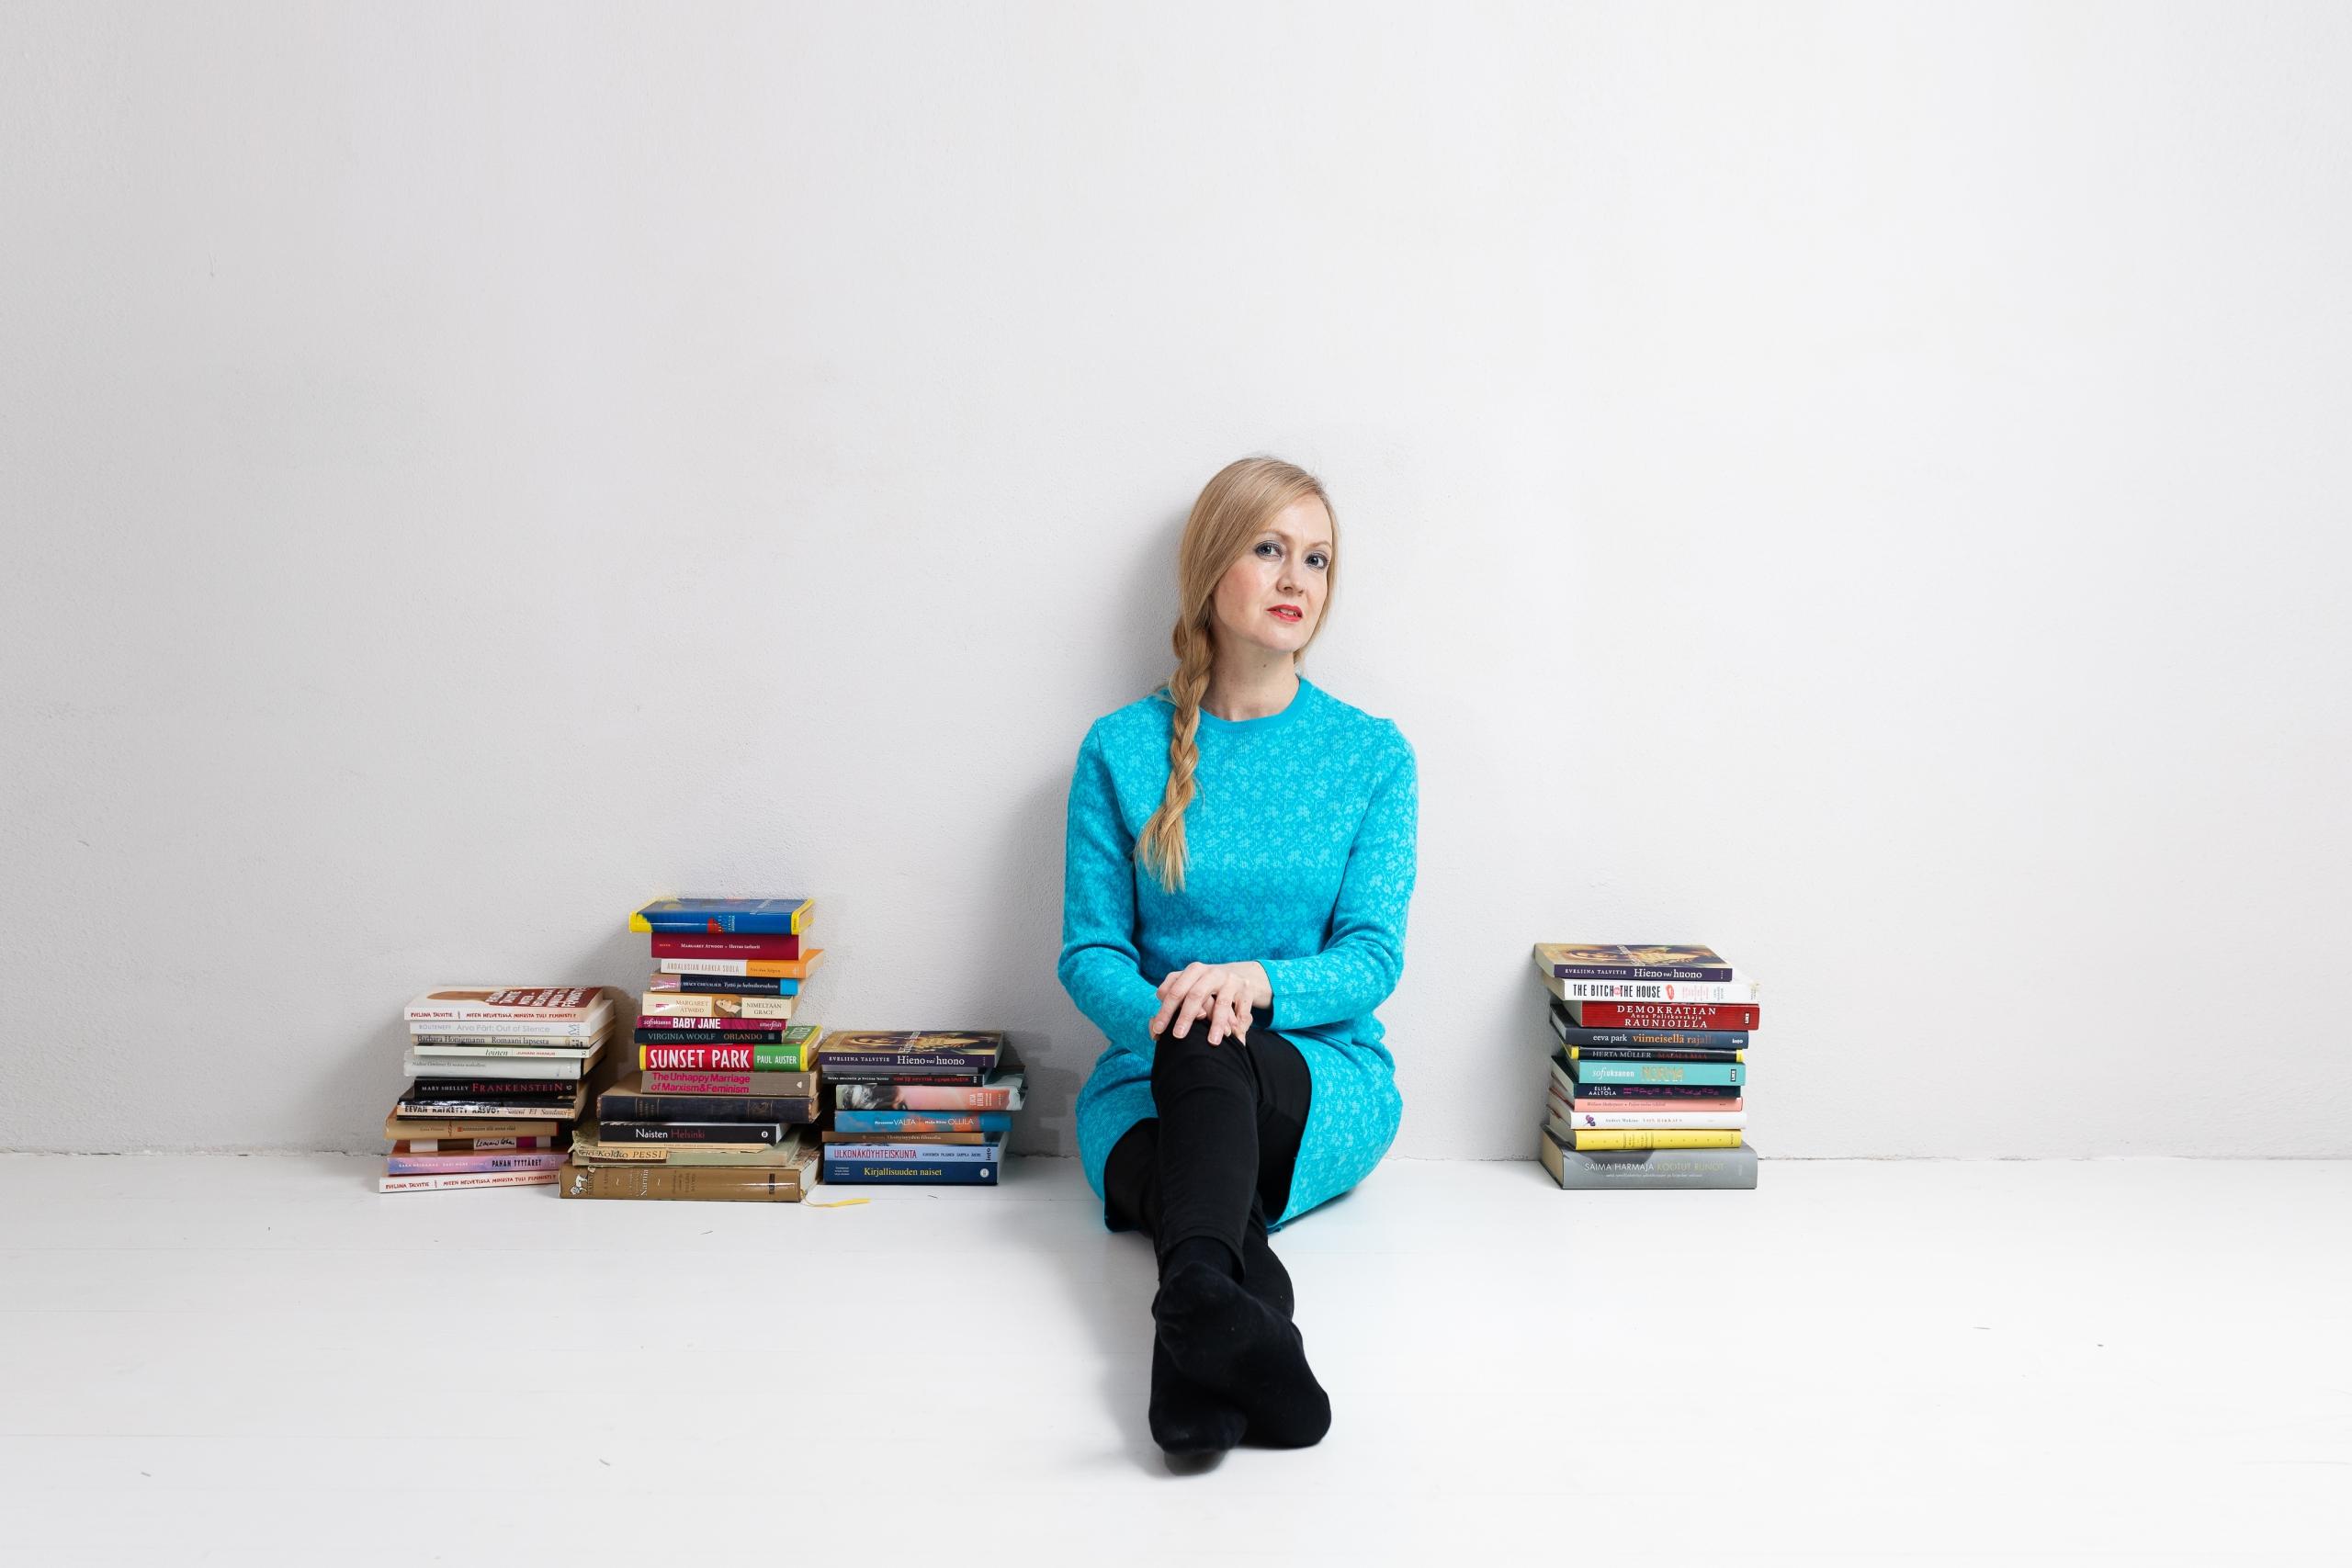 Kirjailija Eveliina Talvitie istuu lattialla nojaten seinään. Hänen vierellään molemminpuolin lattialla on kirjakasoja.